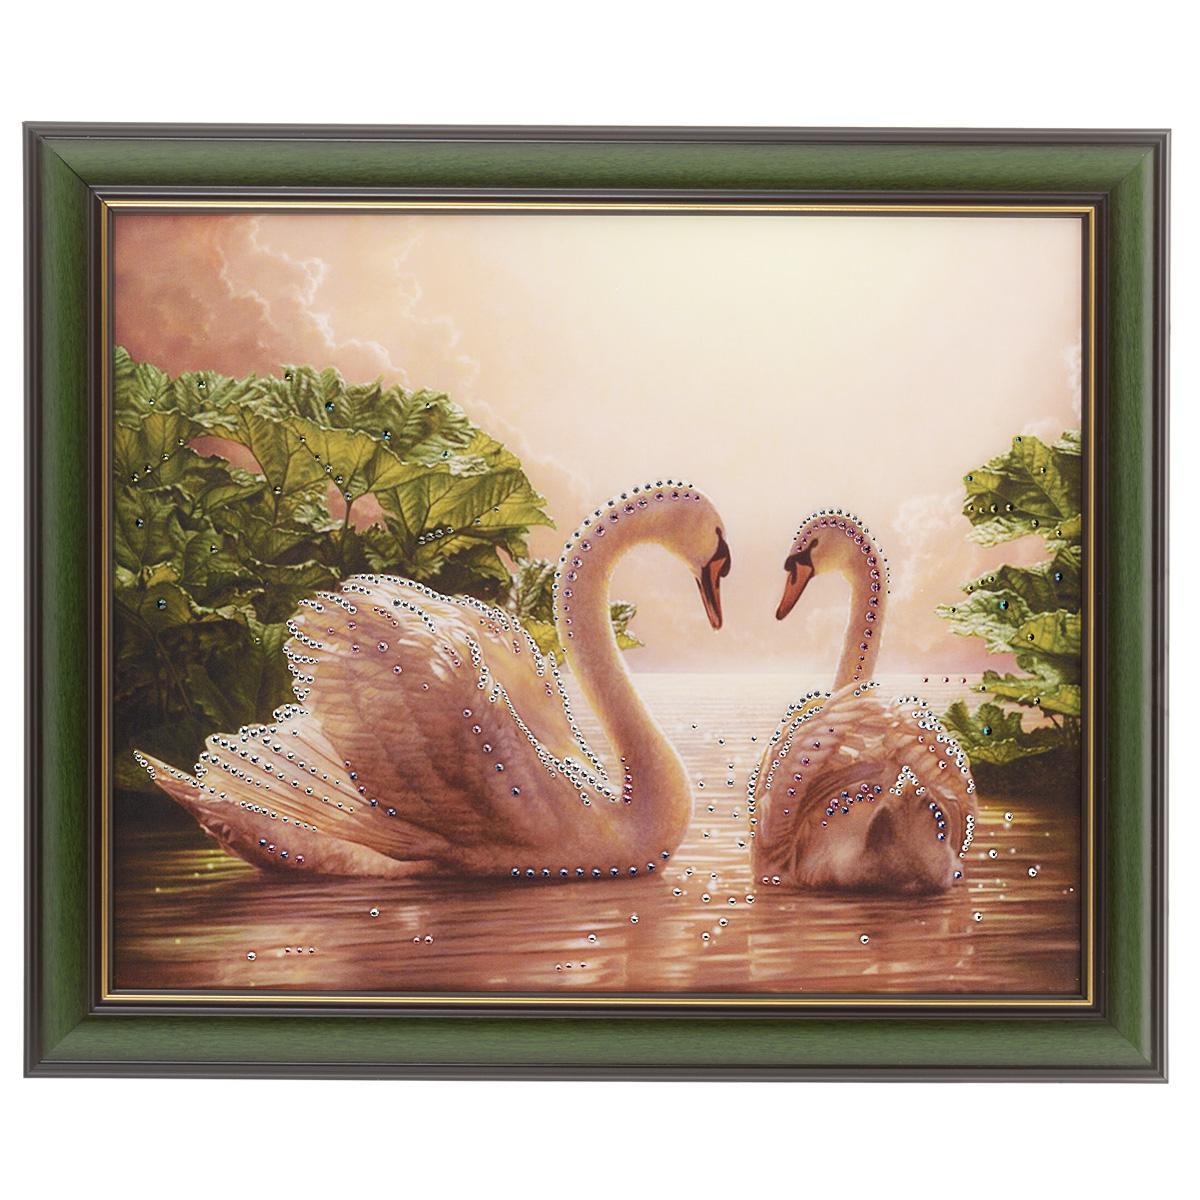 Картина с кристаллами Swarovski Влюбленные лебеди, 58,5 х 48,5 смAG 40-01Изящная картина в багетной раме, инкрустирована кристаллами Swarovski, которые отличаются четкой и ровной огранкой, ярким блеском и чистотой цвета. Красочное изображение лебедей, расположенное под стеклом, прекрасно дополняет блеск кристаллов. С обратной стороны имеется металлическая проволока для размещения картины на стене. Картина с кристаллами Swarovski Влюбленные лебеди элегантно украсит интерьер дома или офиса, а также станет прекрасным подарком, который обязательно понравится получателю. Блеск кристаллов в интерьере, что может быть сказочнее и удивительнее. Картина упакована в подарочную картонную коробку синего цвета и комплектуется сертификатом соответствия Swarovski.